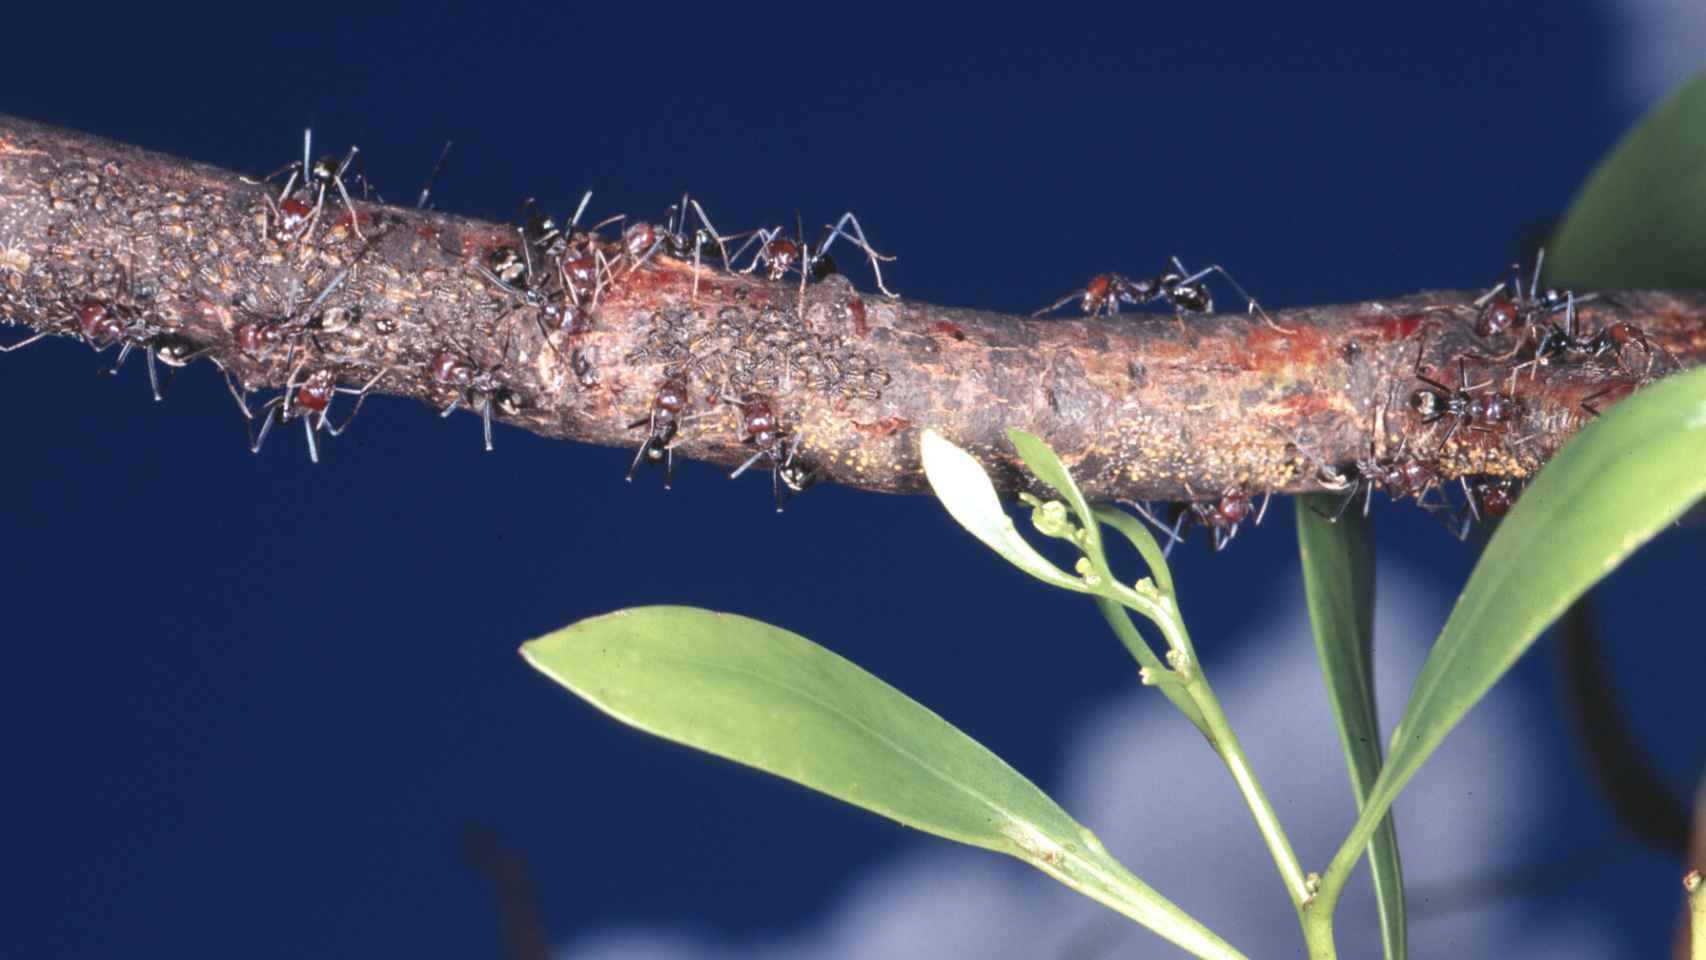 La búsqueda de alimento condiciona las redes de las hormigas.